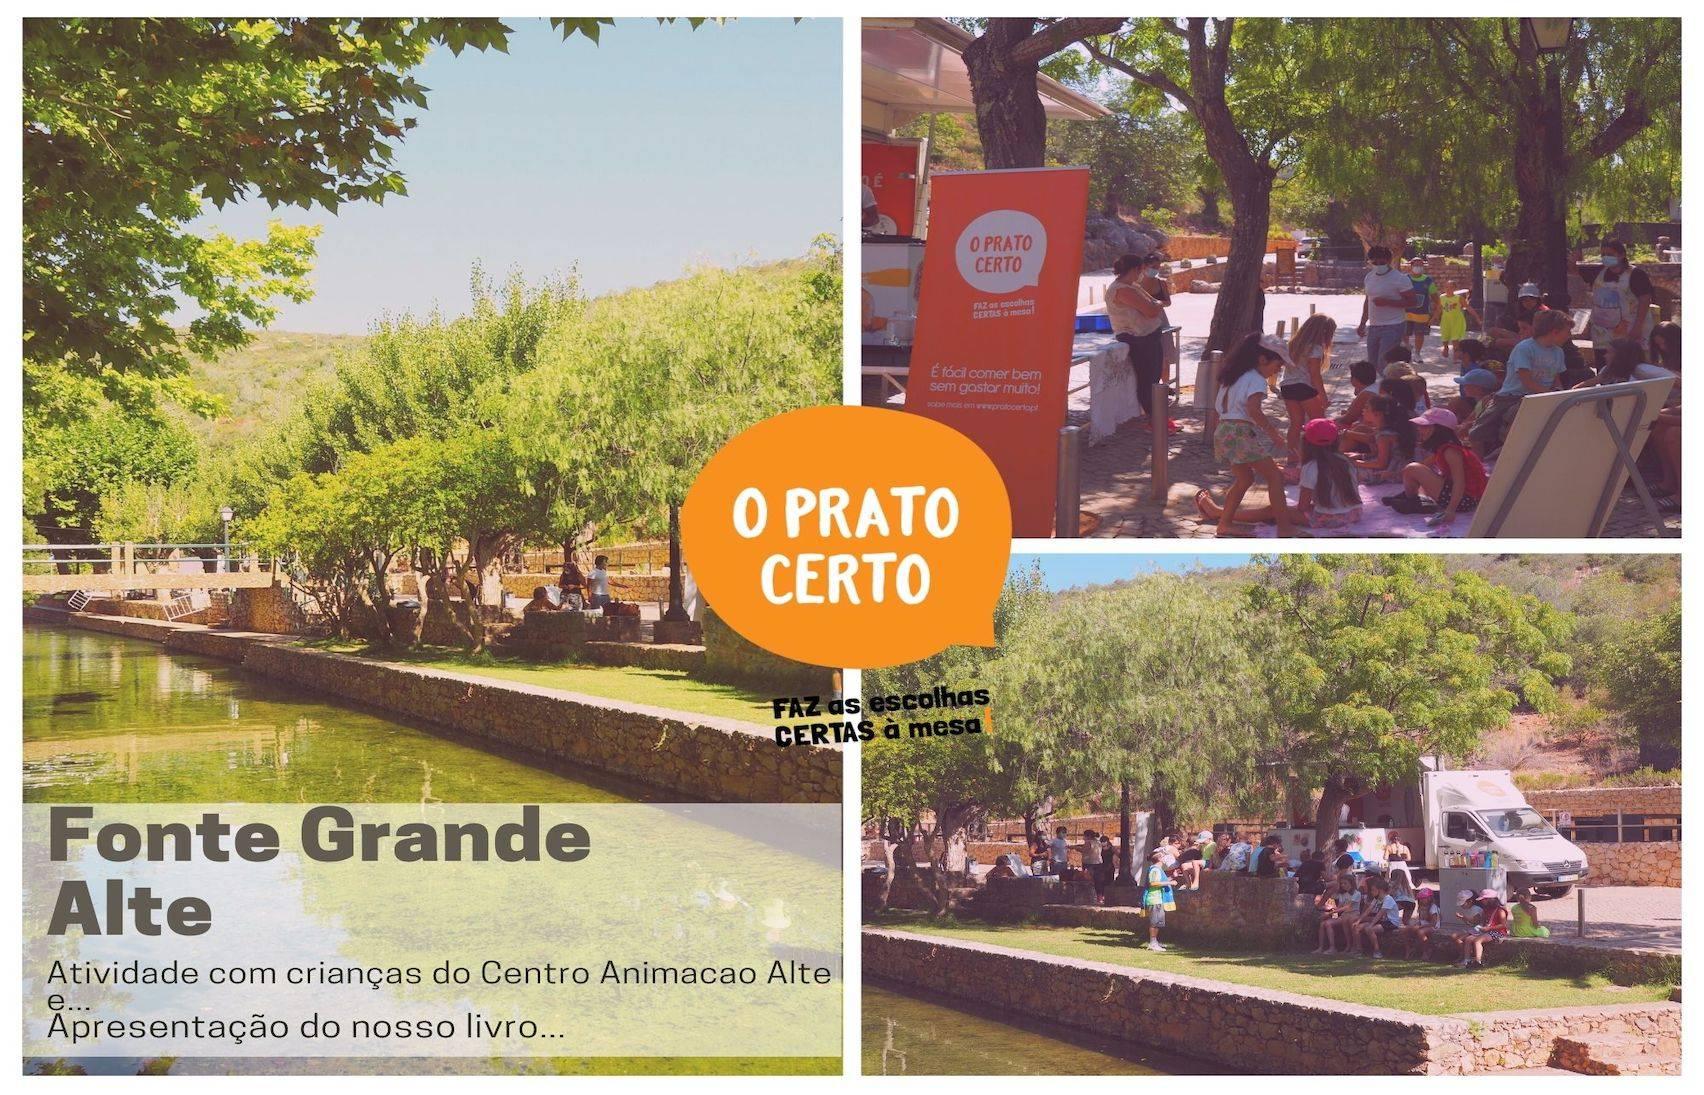 Lançamento do Livro Prato Certo na Fonte Grande em Alte!